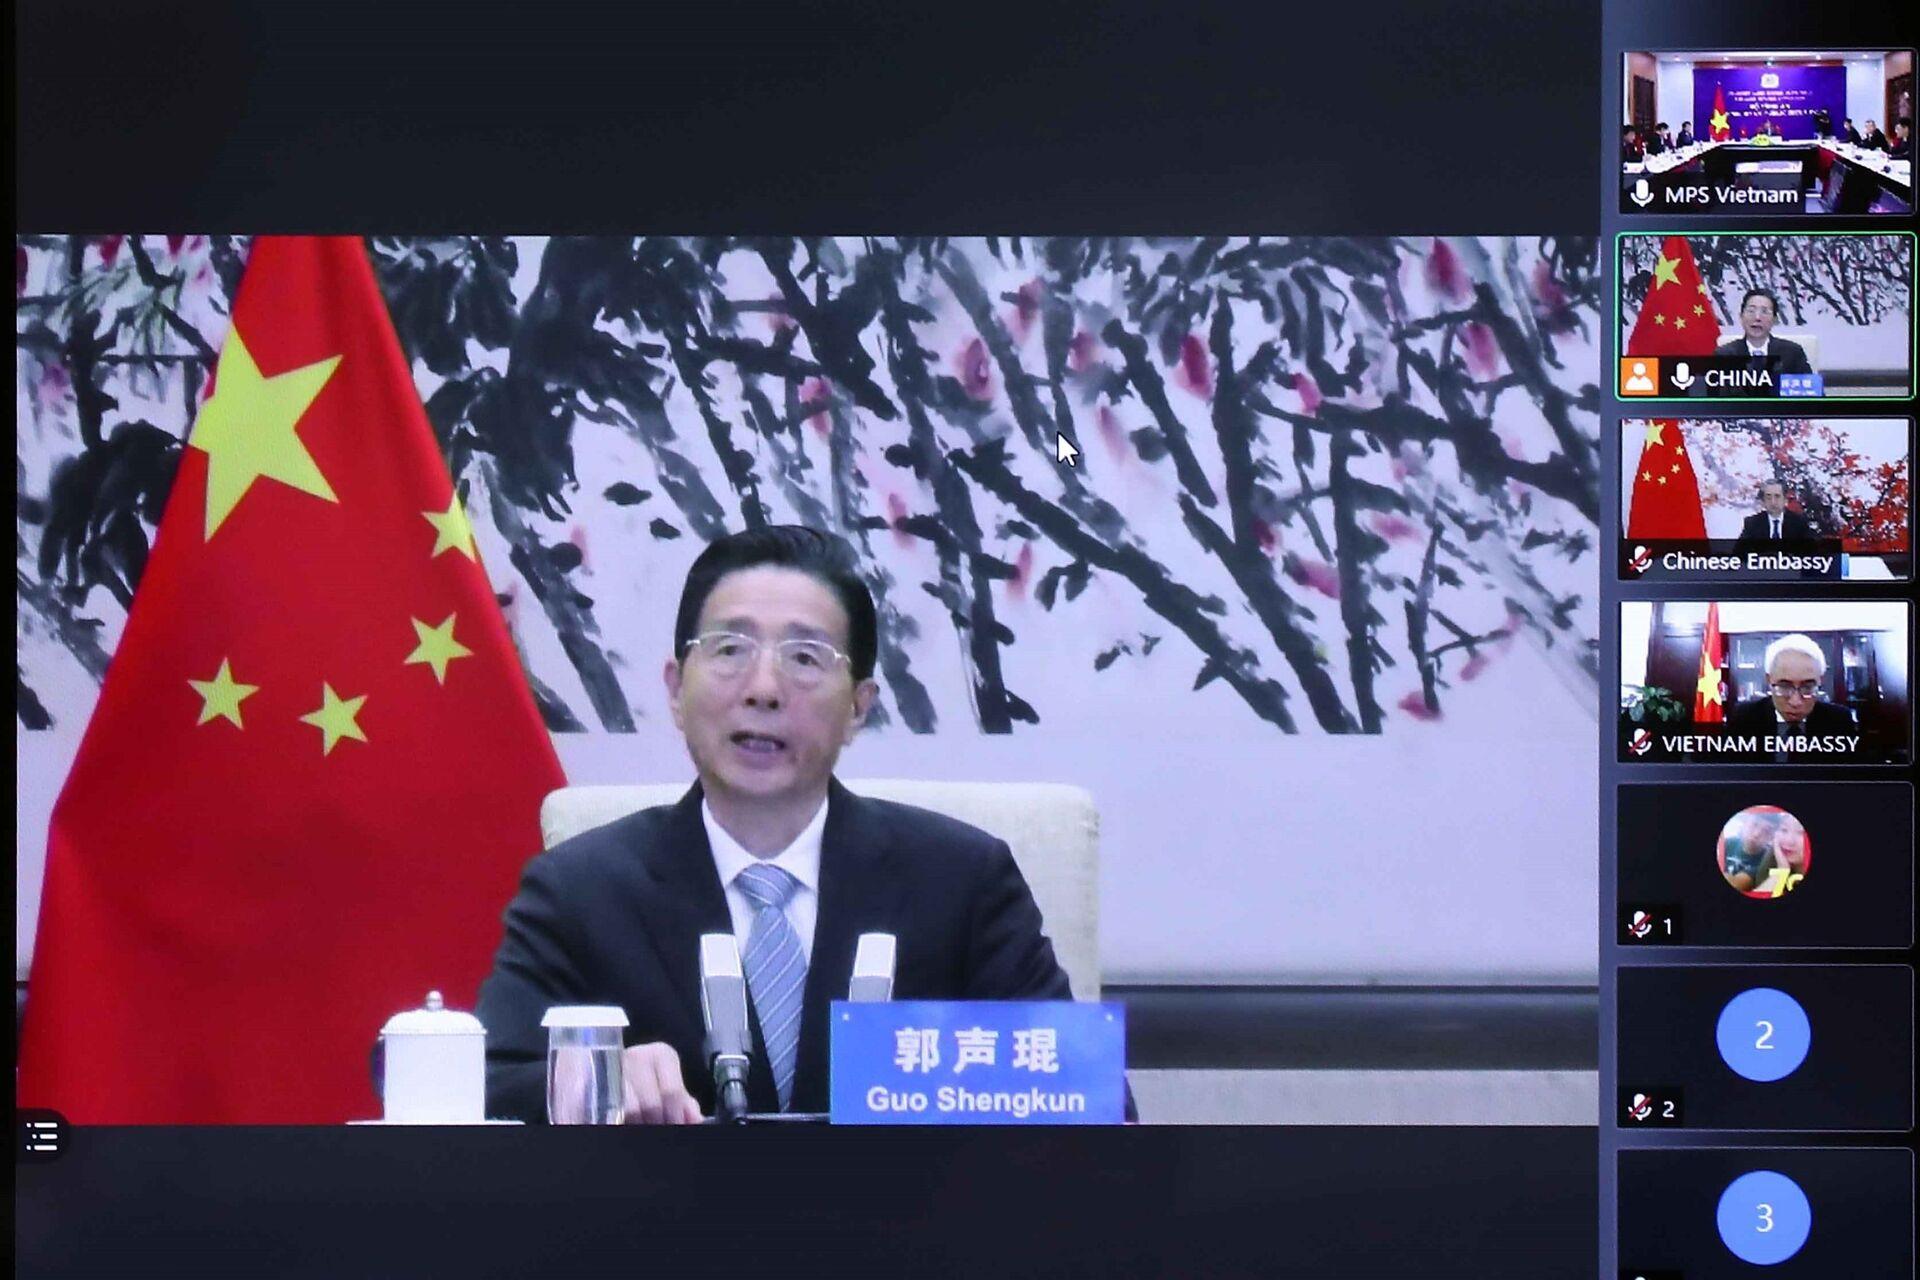 Đồng chí Quách Thanh Côn, Ủy viên Bộ Chính trị, Bí thư Ủy ban Chính pháp Trung ương Đảng Cộng sản Trung Quốc phát biểu tại điểm cầu Bắc Kinh (Trung Quốc) - Sputnik Việt Nam, 1920, 05.10.2021